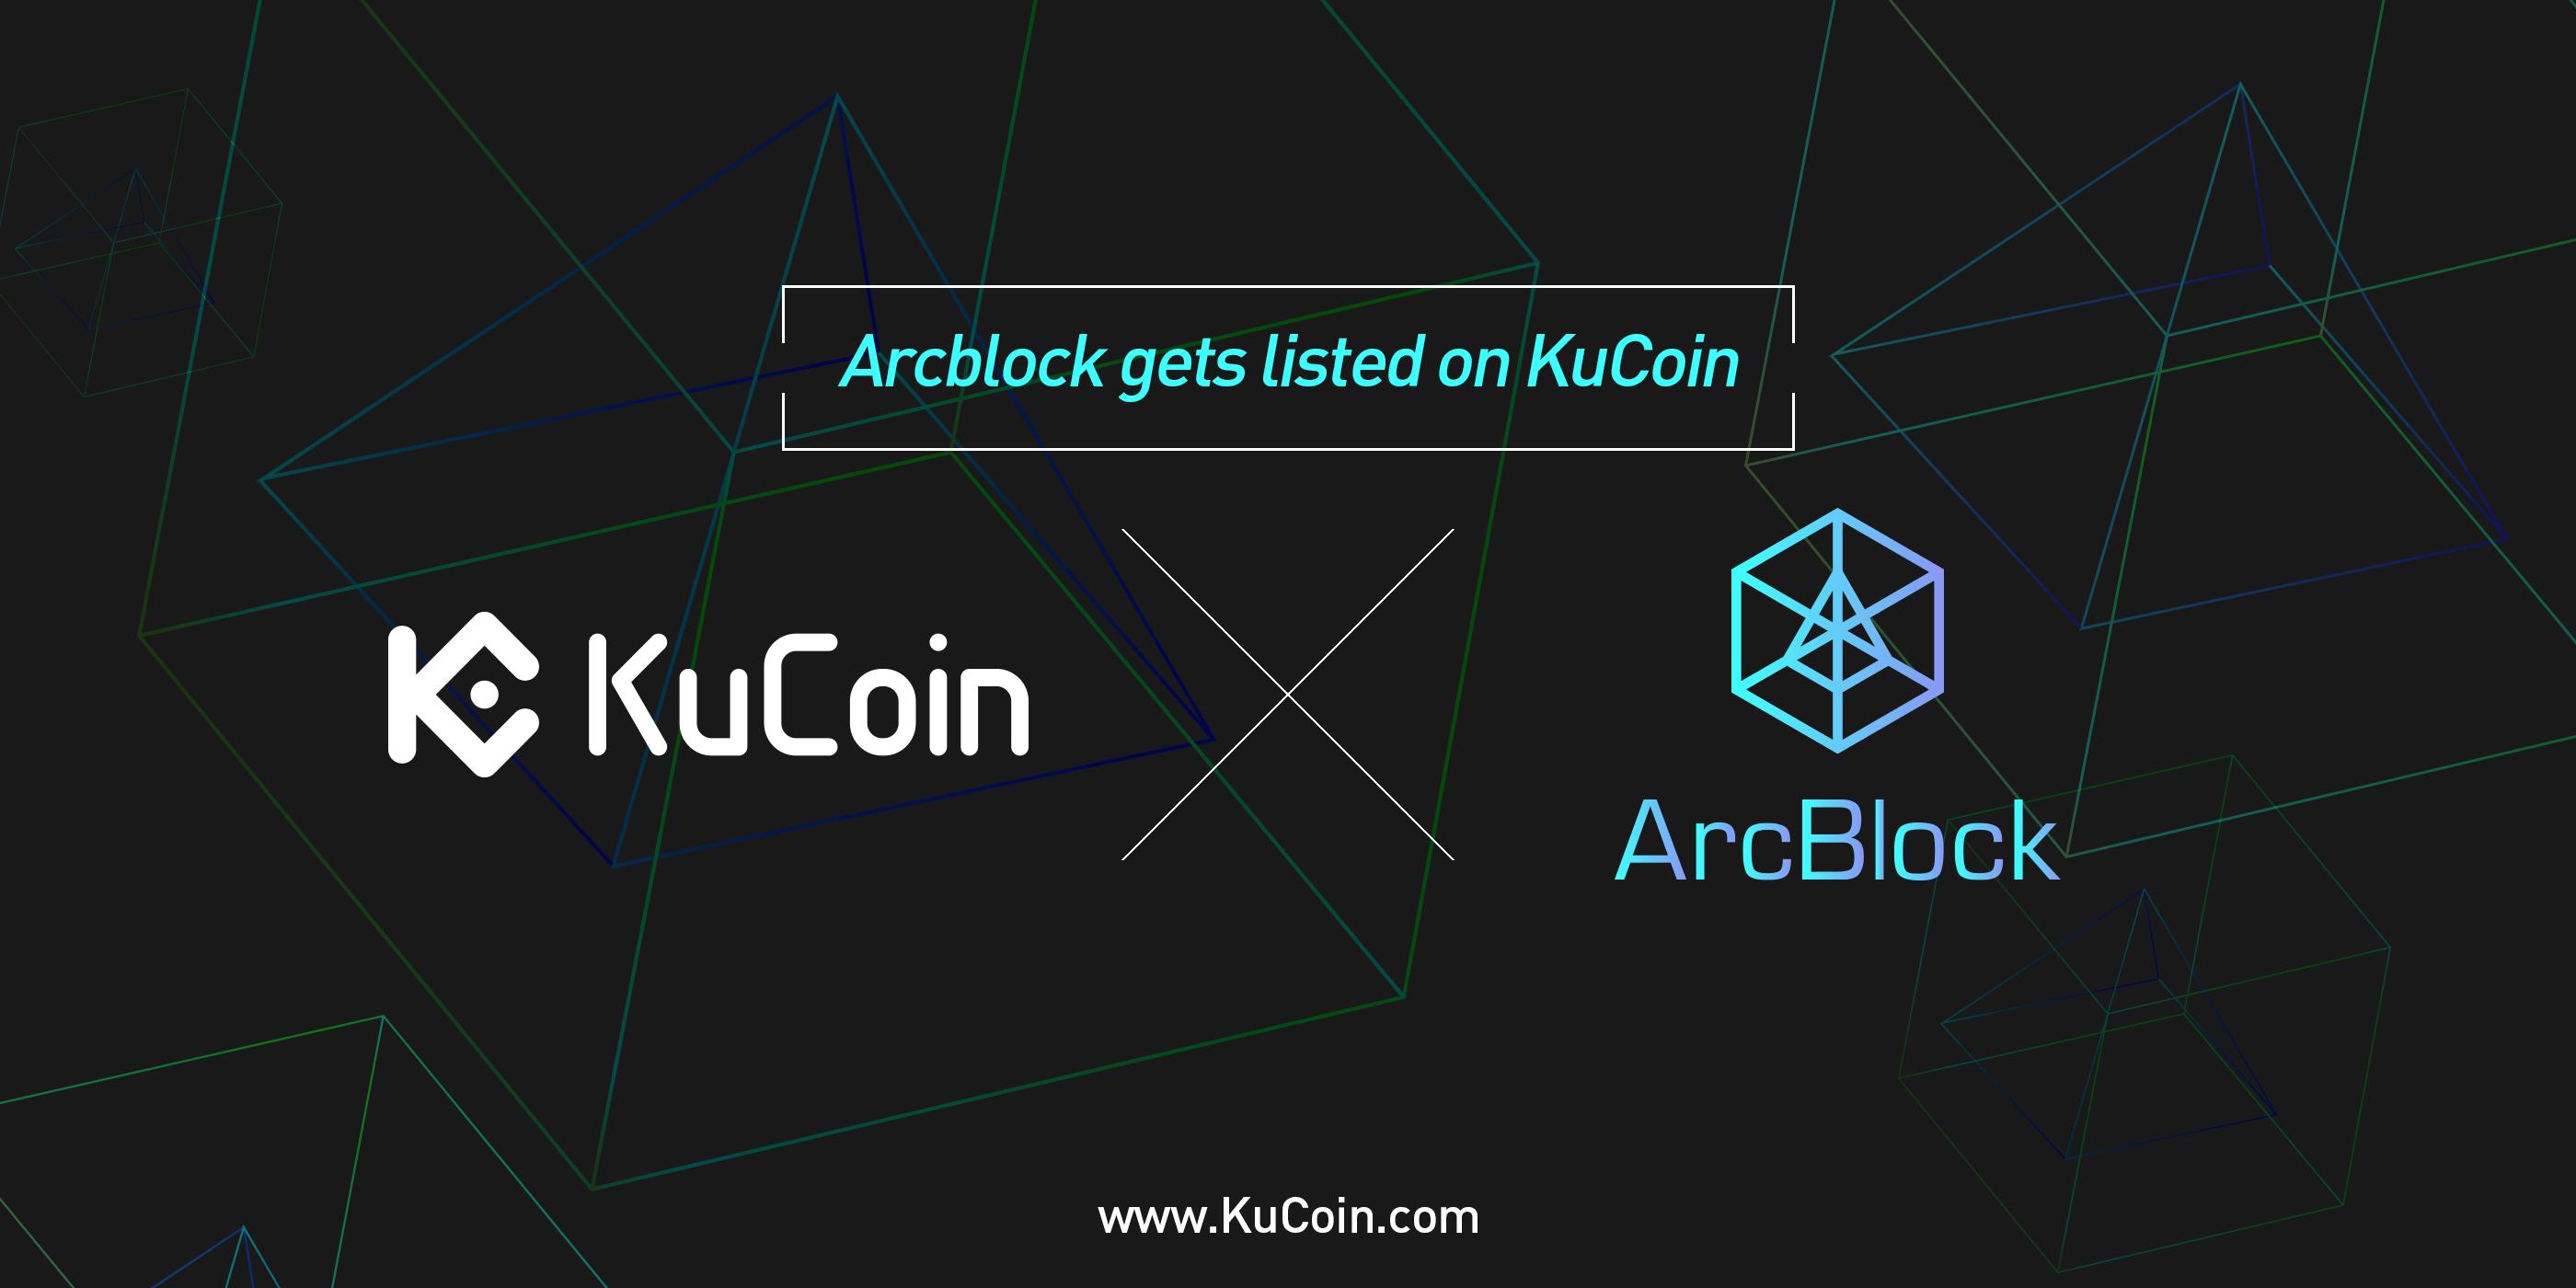 Arcblock-en.png